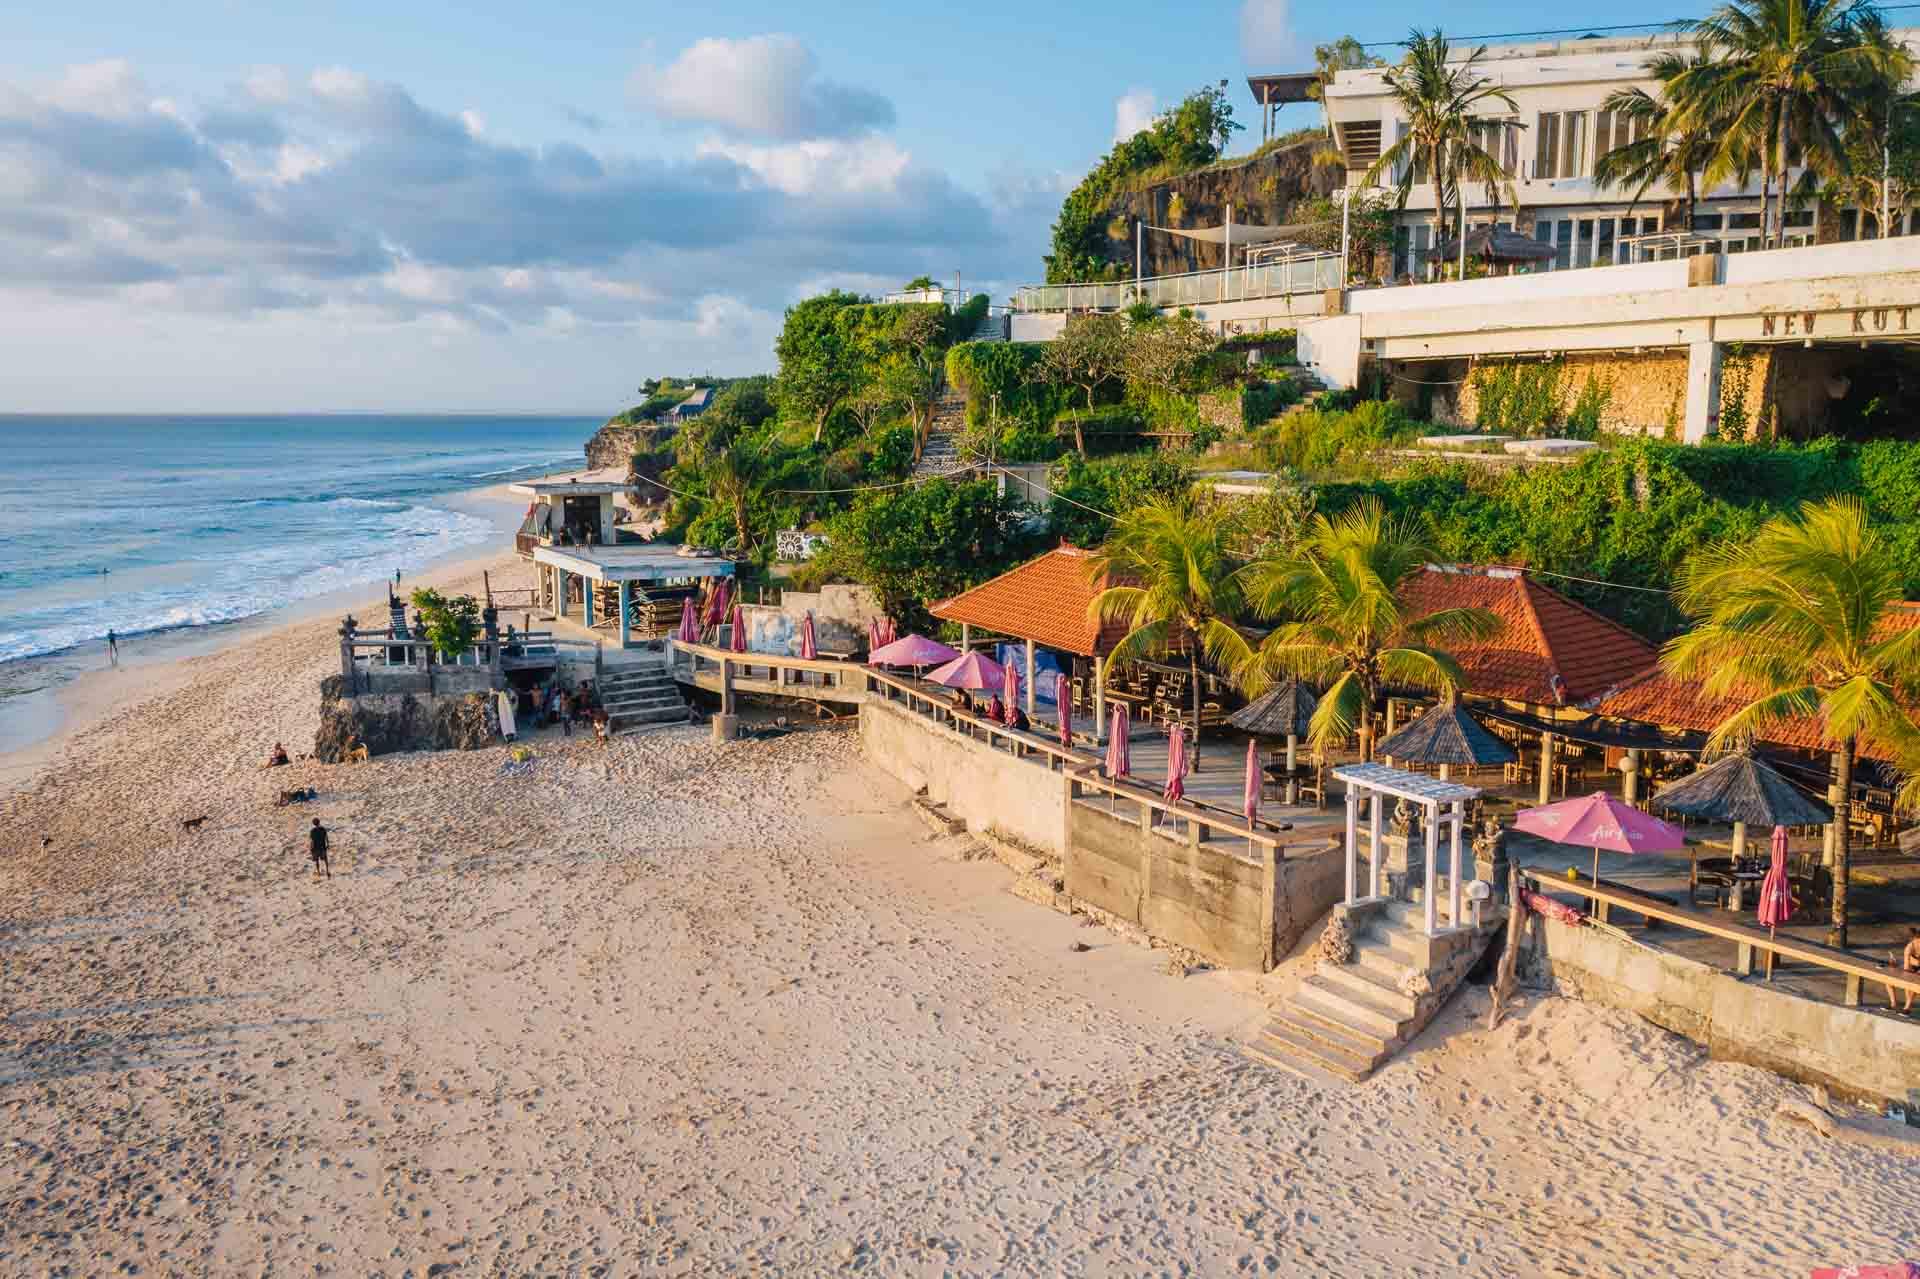 dreamland beach, dreamland beach bali, pantai dreamland, bali dreamland beach, dreamland bali beach